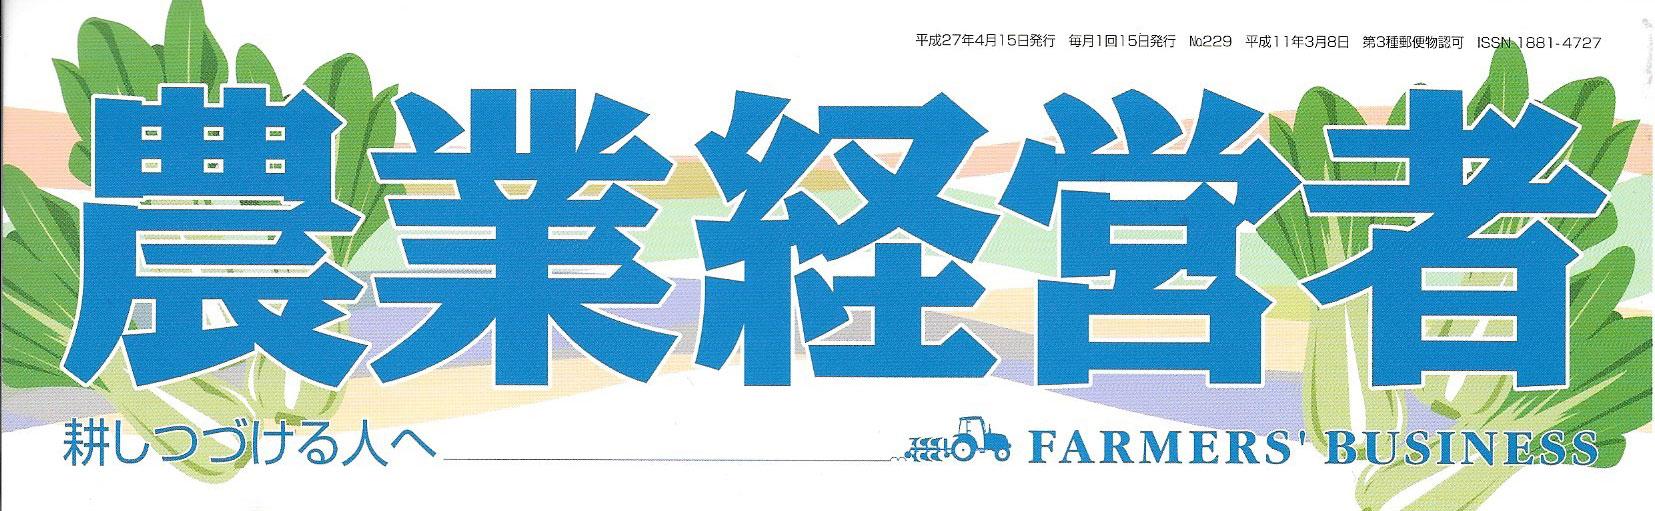 【掲載御礼】農業経営者「ヨーロッパでの日本食材販売」